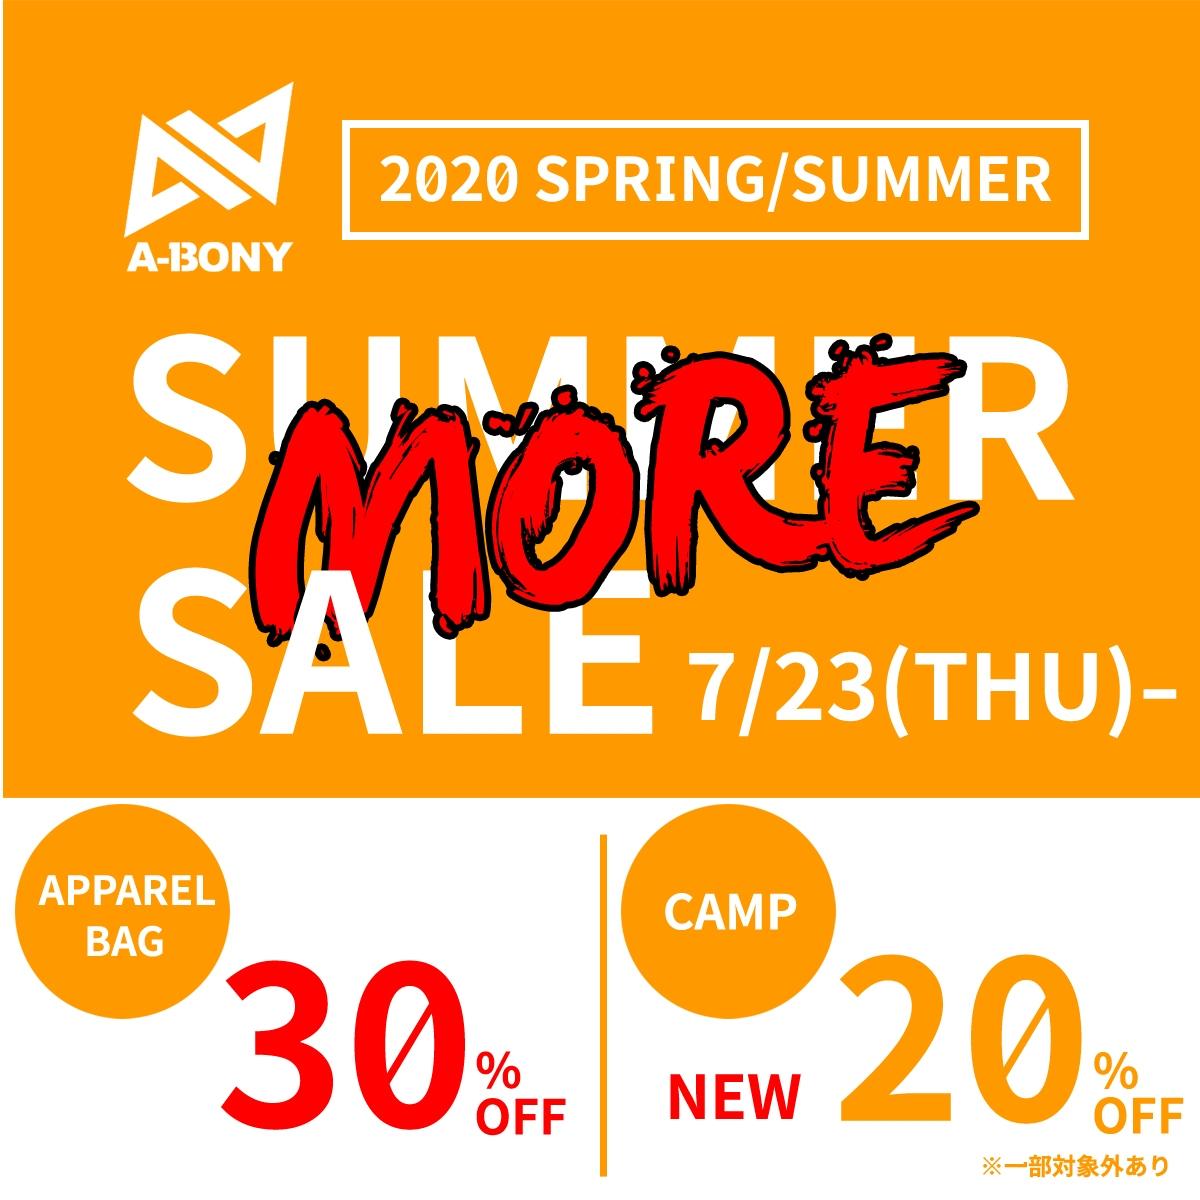 [20春夏モデル] MORE SUMMER SALE